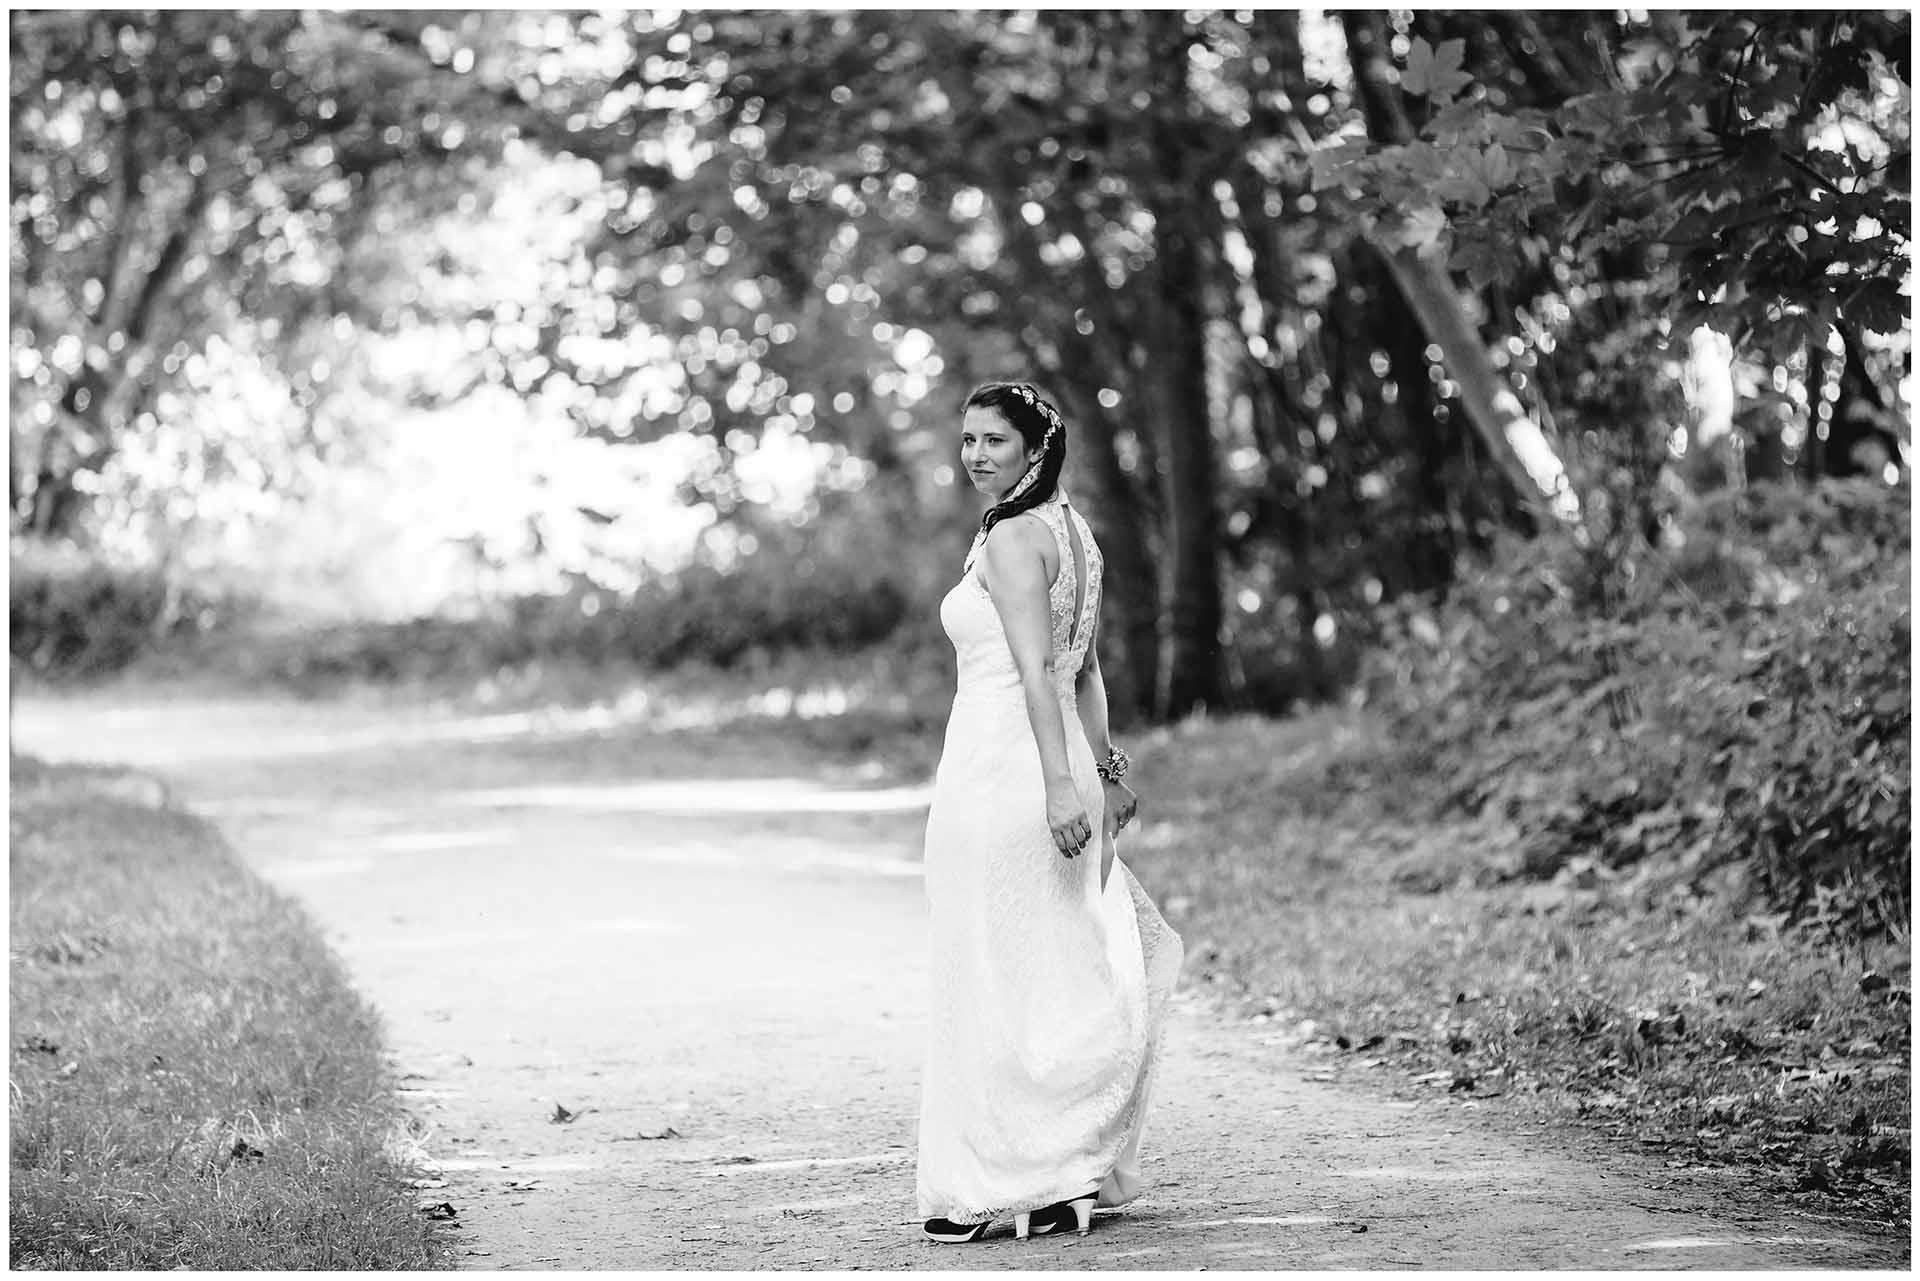 Braut-schaut-ueber-die-Schulter-und-laechelt-Hochzeitsshooting-Hochzeit-am-Strand-Hochzeitsfotograf-Warnemuende-Hochzeitsfotograf-Rostock-Hochzeitsfotograf-Ostseebad-Warnemuende